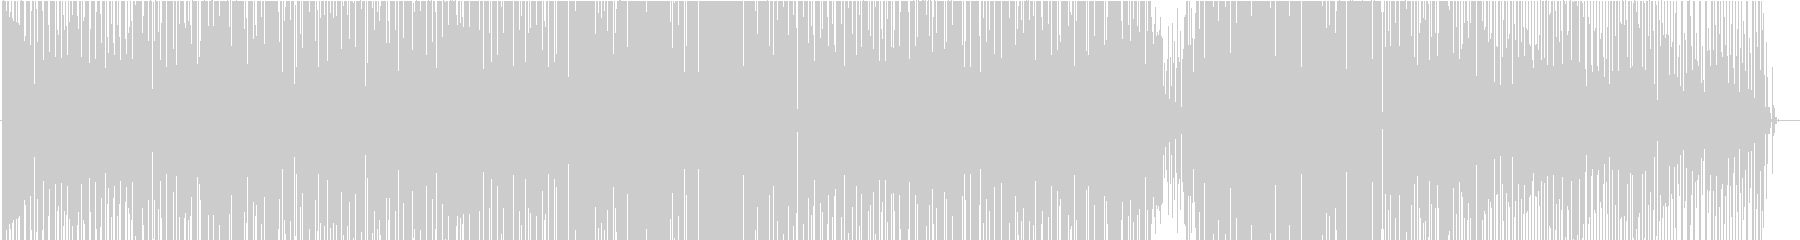 明るくノリの良いモダンディスコ系ビートの未再生の波形